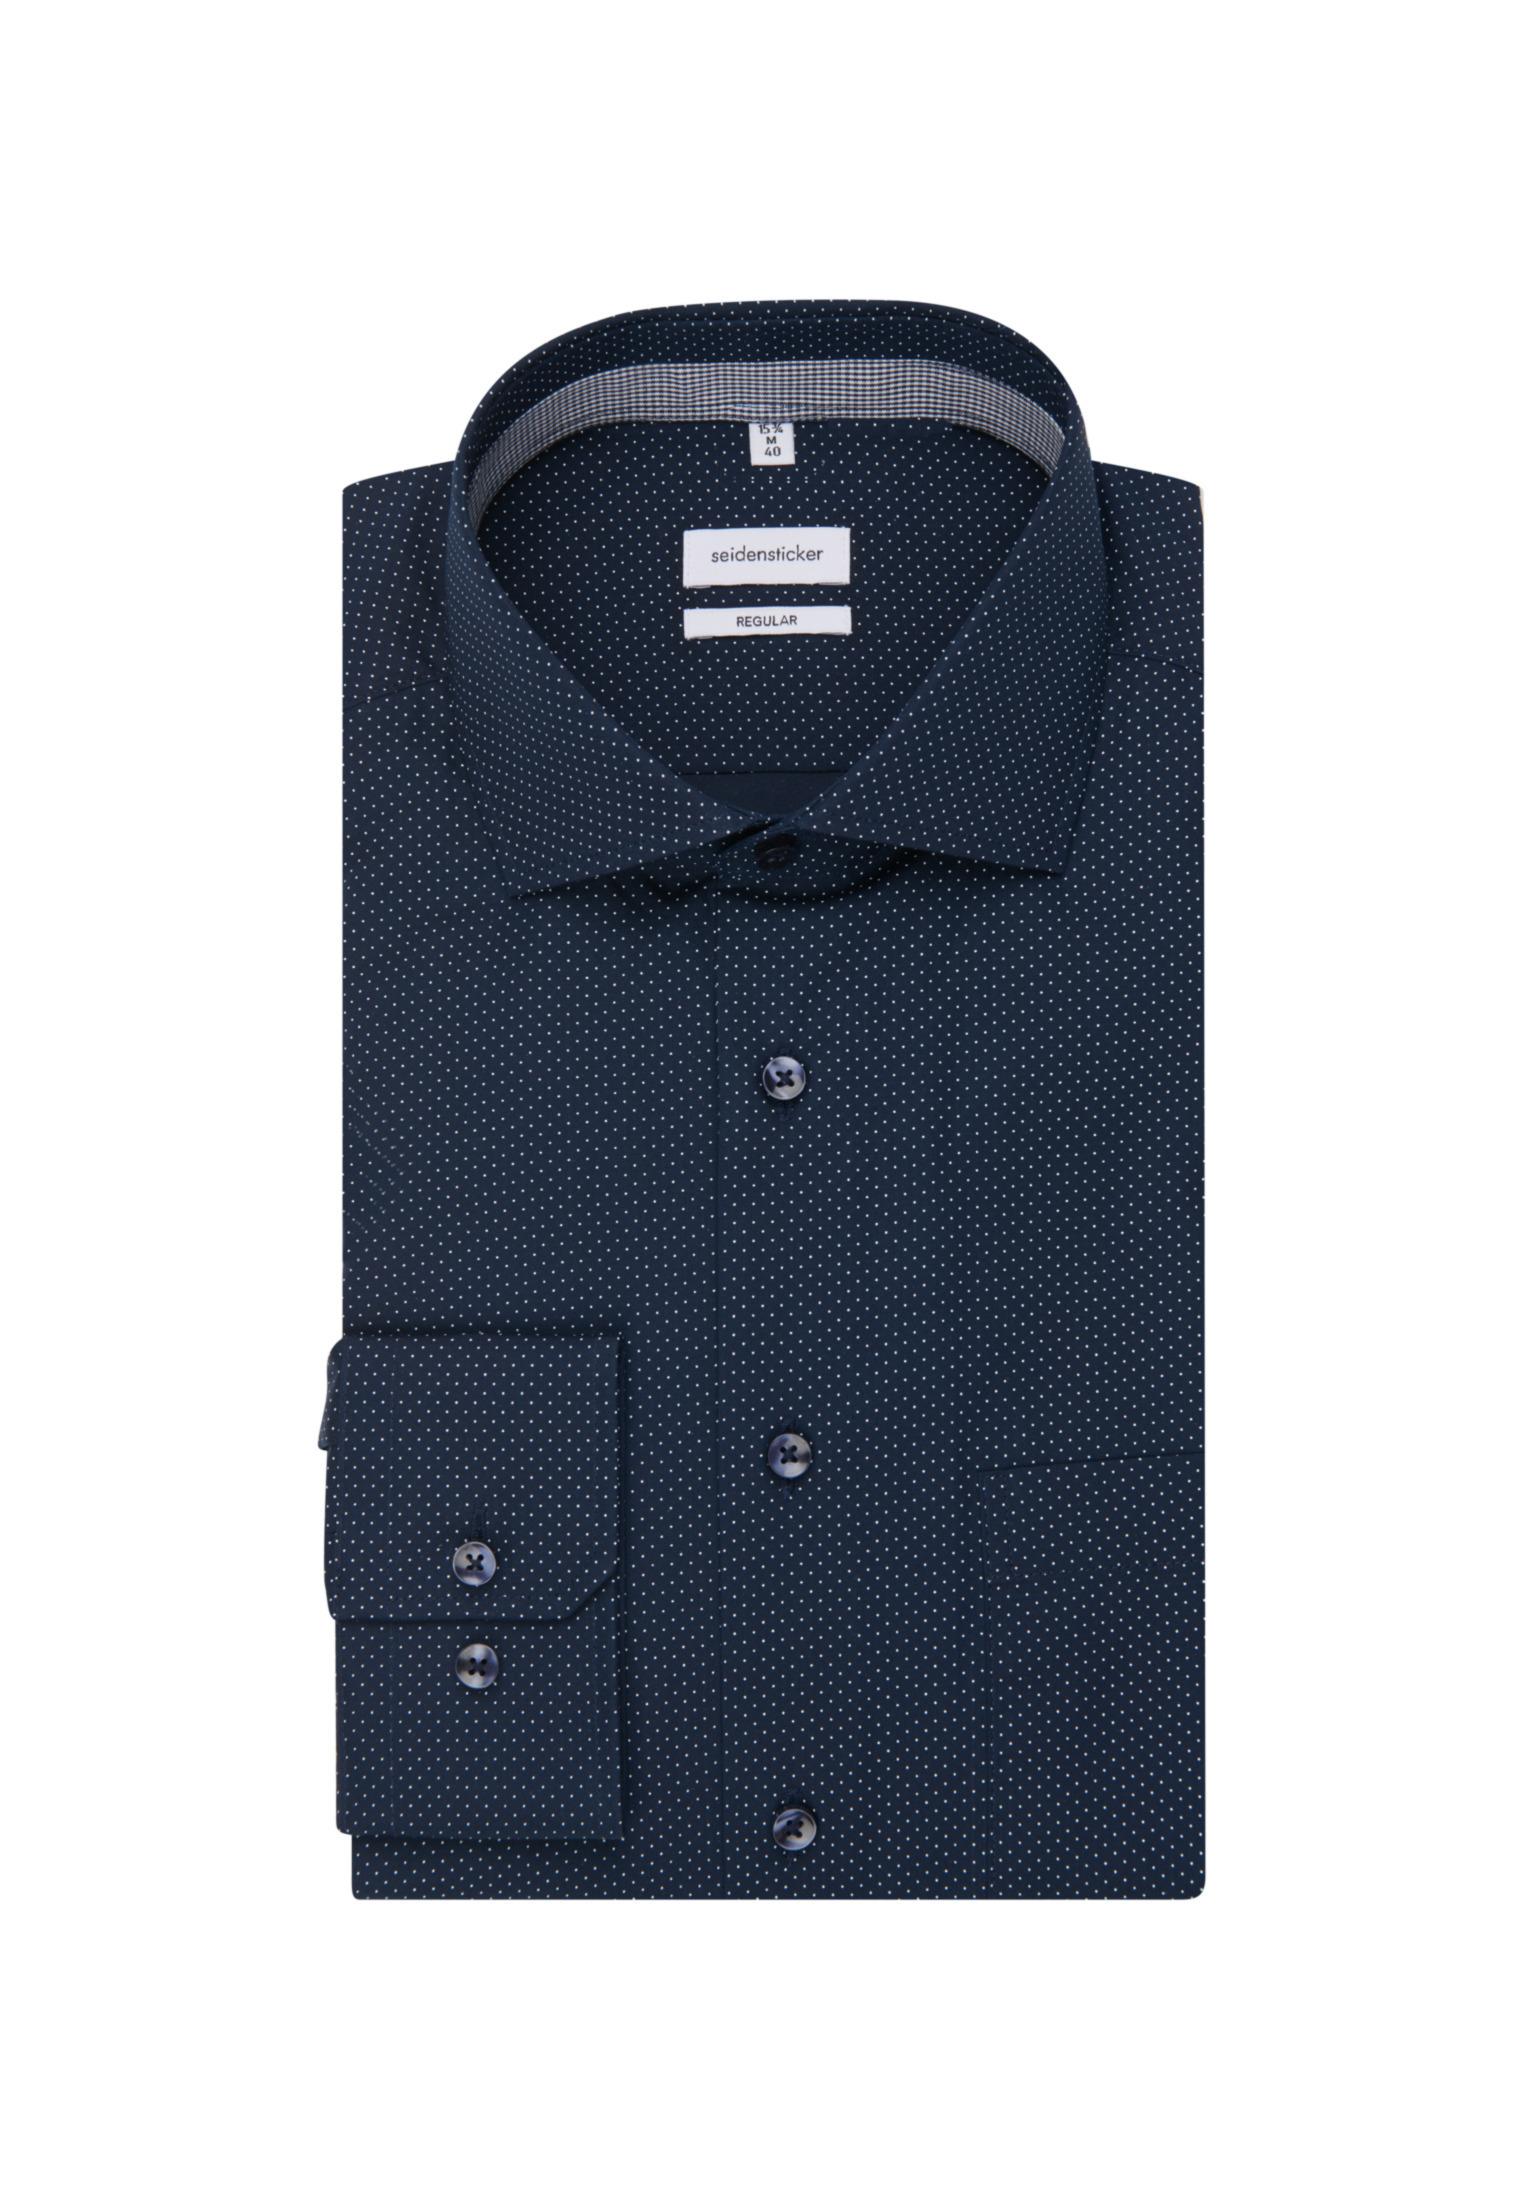 Seidensticker Business Hemd Regular in Dunkelblau günstig kaufen